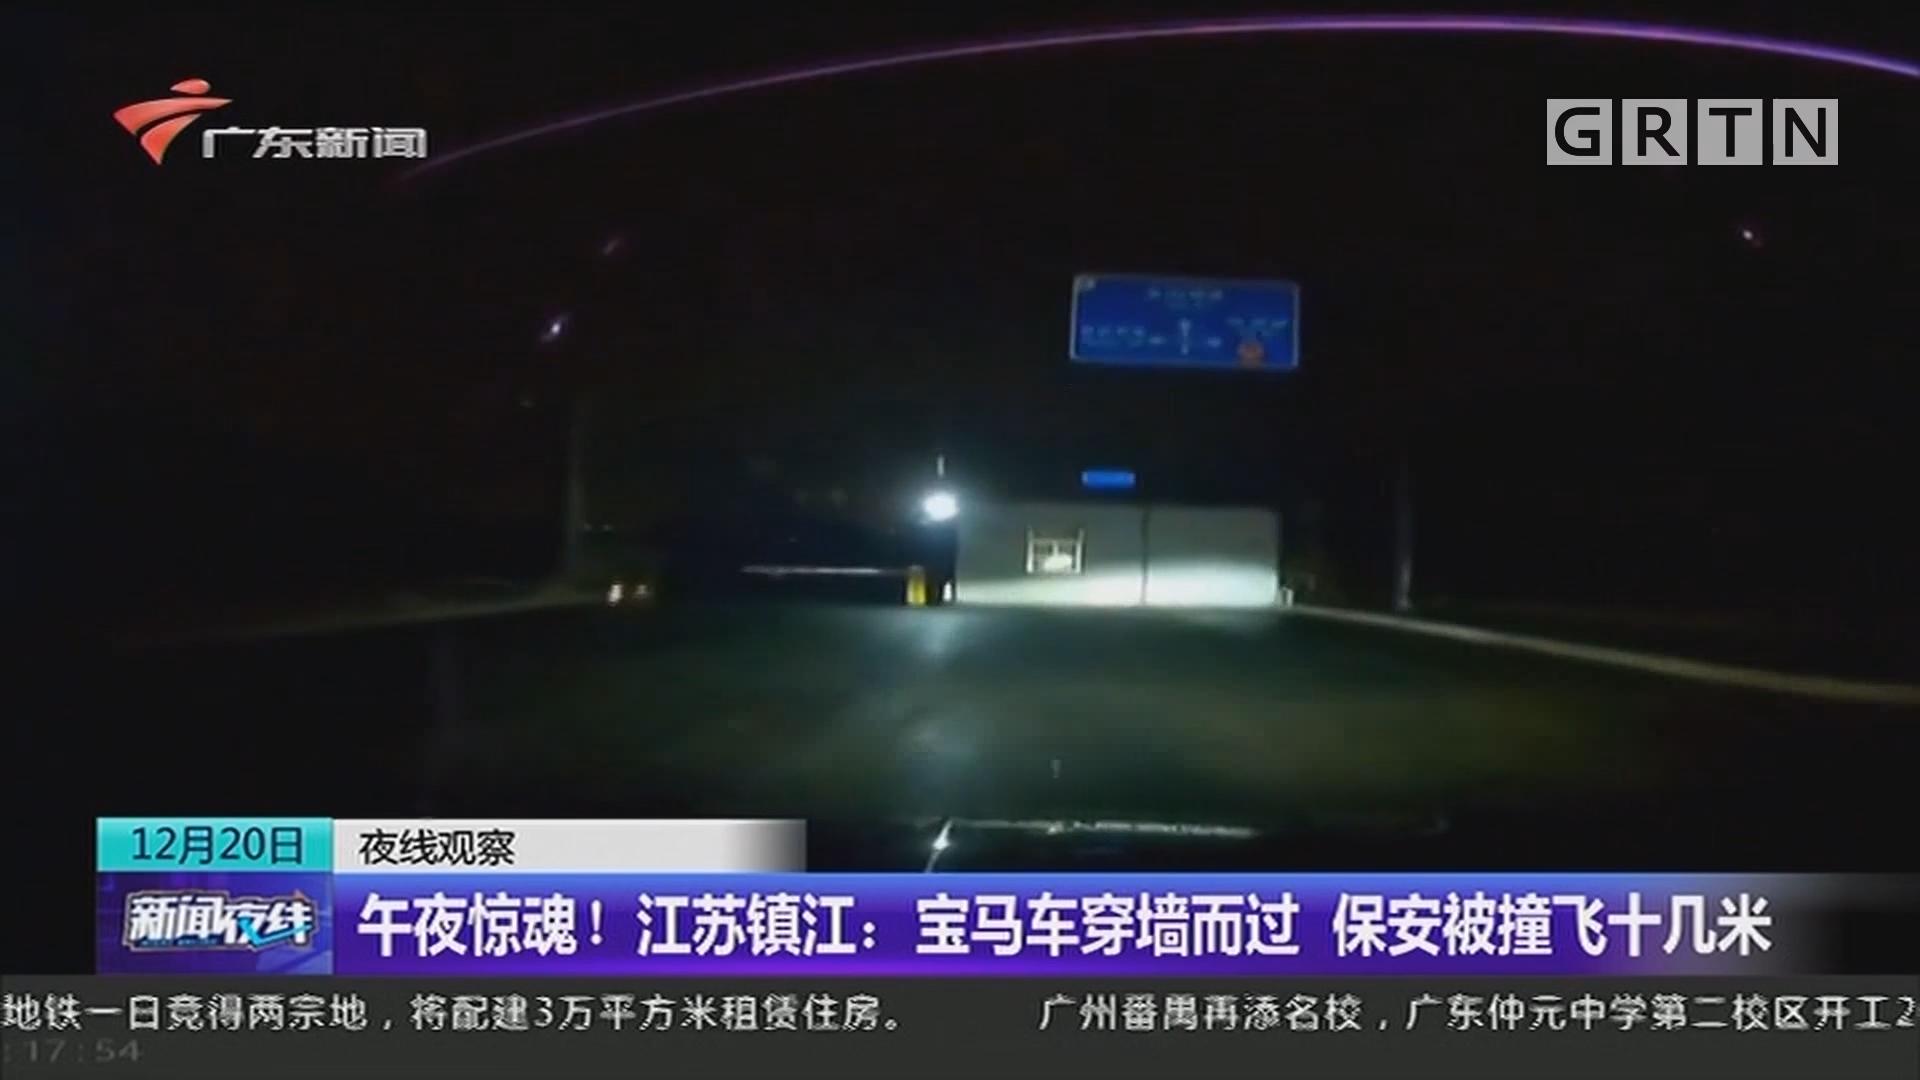 午夜惊魂!江苏镇江:宝马车穿墙而过 保安被撞飞十几米